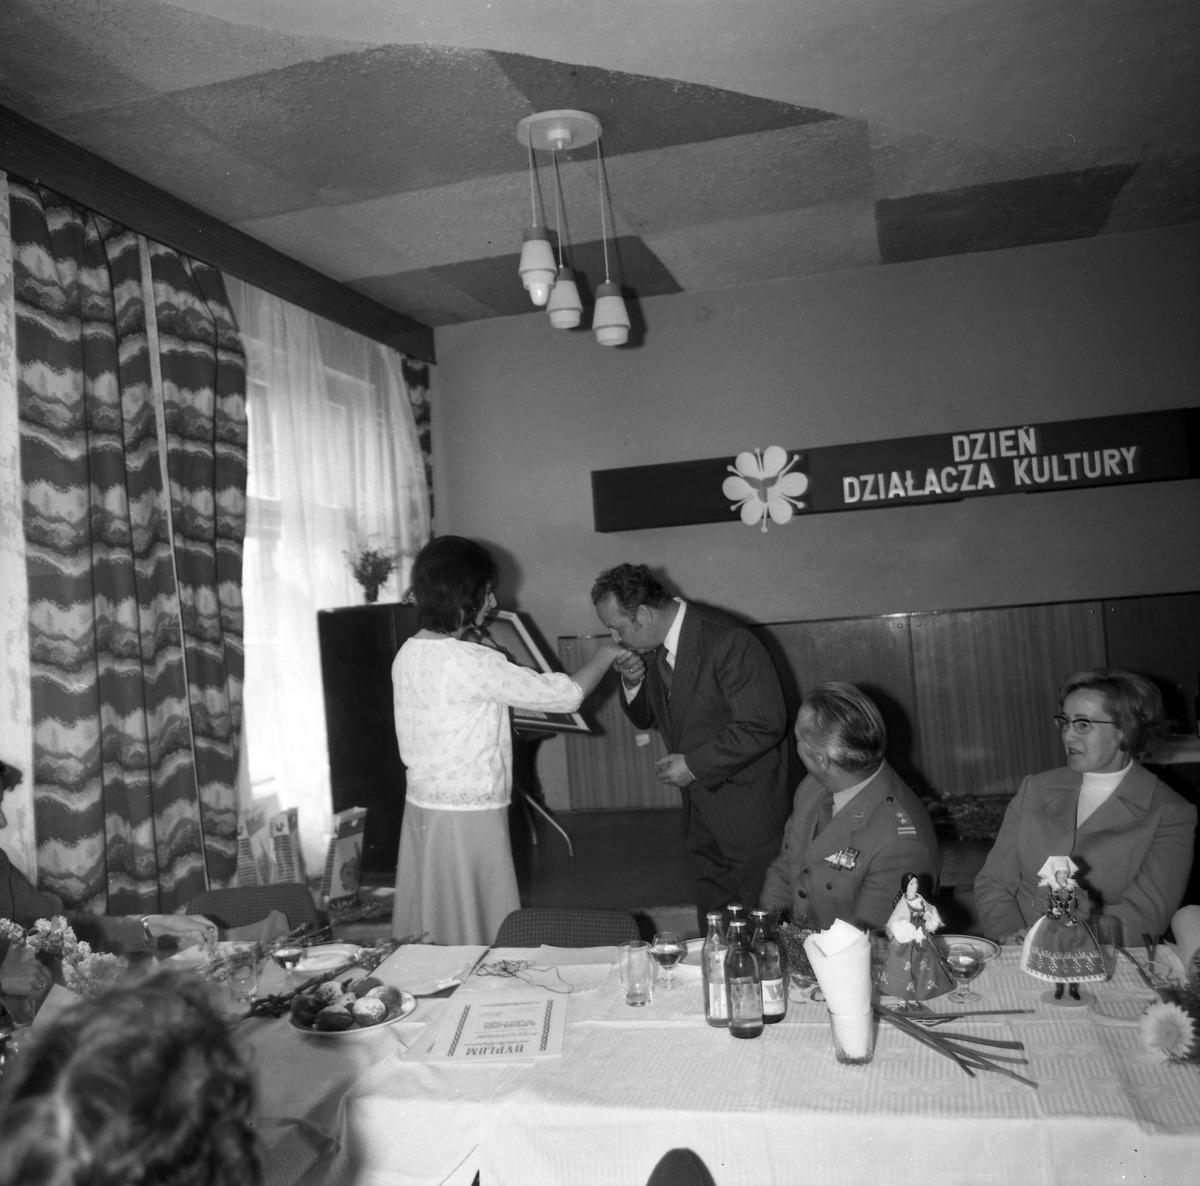 Dzień Działacza Kultury, 1979 r.